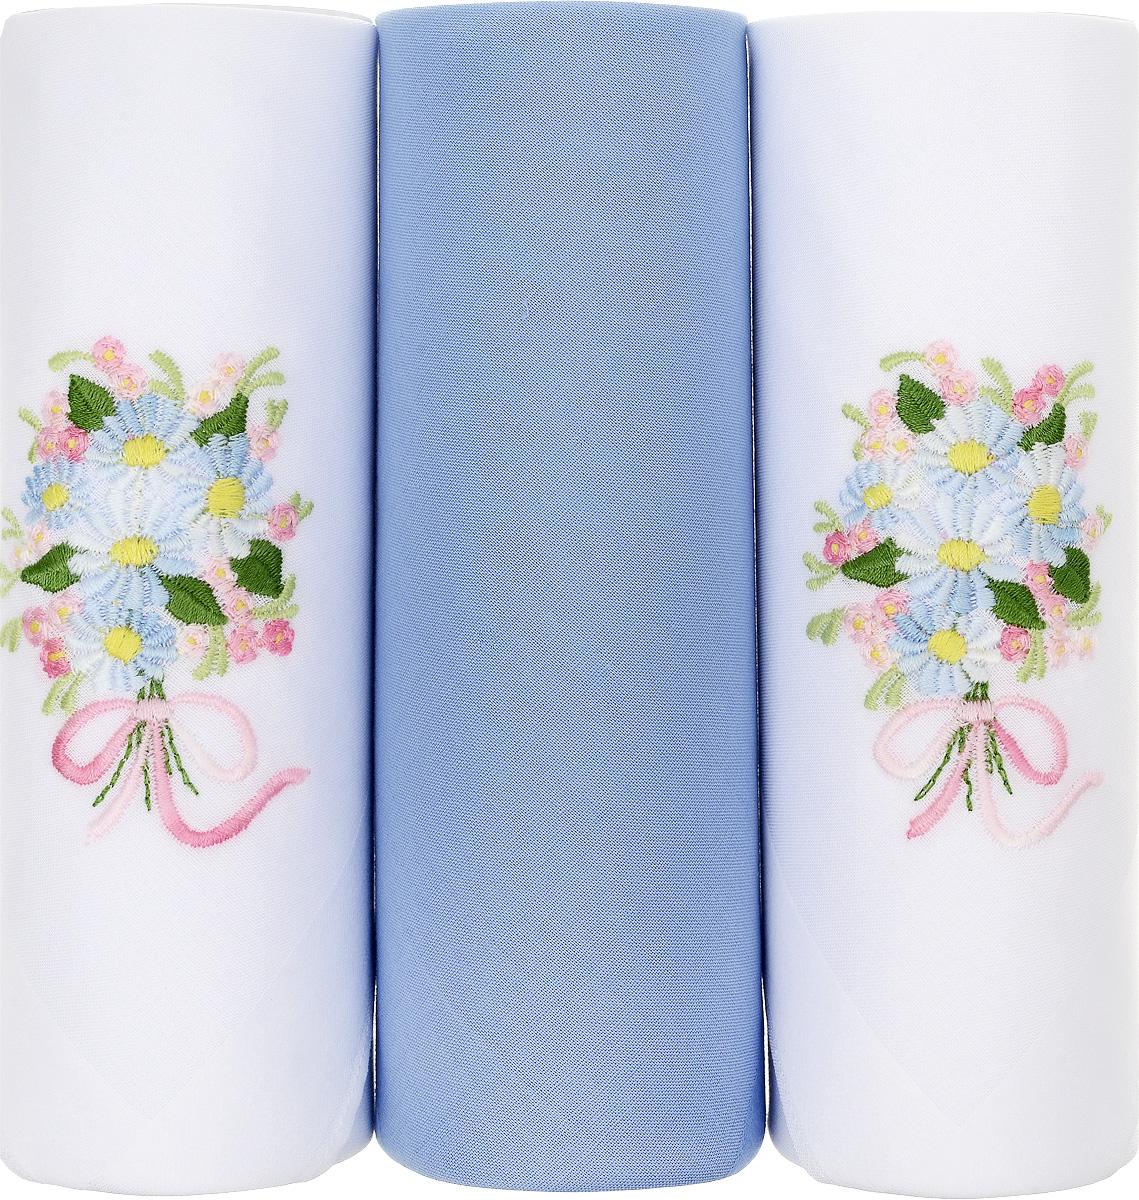 Платок носовой женский Zlata Korunka, цвет: белый, голубой. 25605-7. Размер 30 х 30 см, 3 шт25605-7Носовой платок Zlata Korunka изготовлен из высококачественного натурального хлопка, благодаря чему приятен в использовании, хорошо стирается, не садится и отлично впитывает влагу. Практичный и изящный носовой платок будет незаменим в повседневной жизни любого современного человека. Такой платок послужит стильным аксессуаром и подчеркнет ваше превосходное чувство вкуса. В комплекте 3 платка.